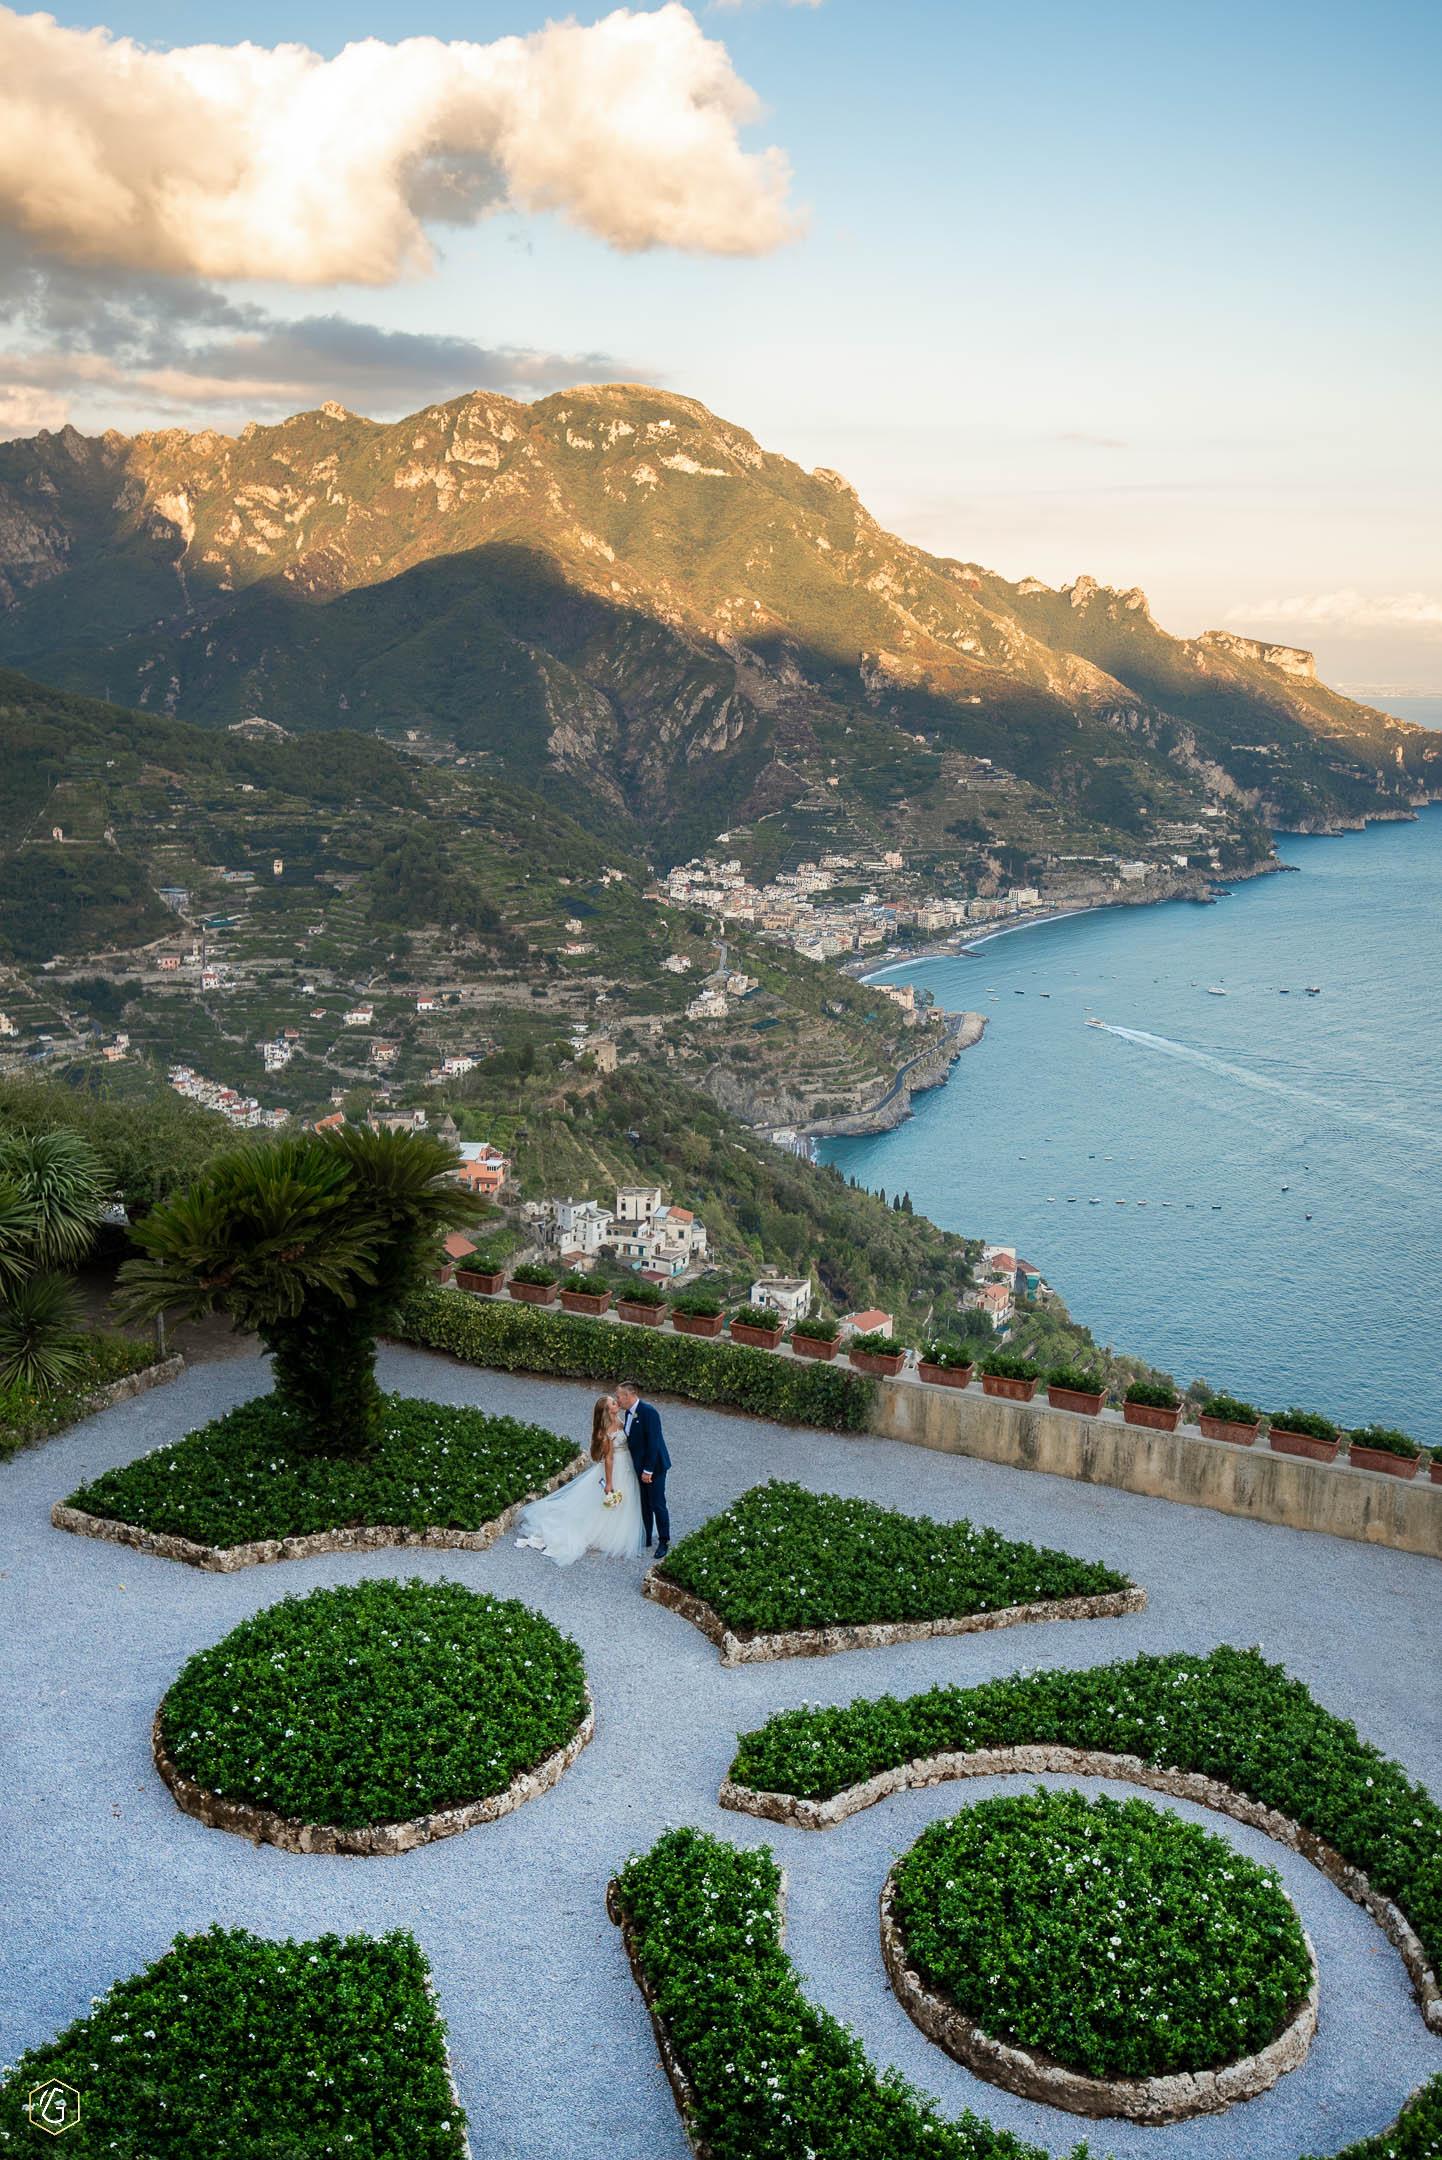 Vilma Wedding & Event Planner _ vestuvės Amalfio pakrantėje _ Vilma Rapšaitė _ santuoka Italijoije _ vestuvių planuotoja _ koordinatorė _ organizatorė _ jaunieji